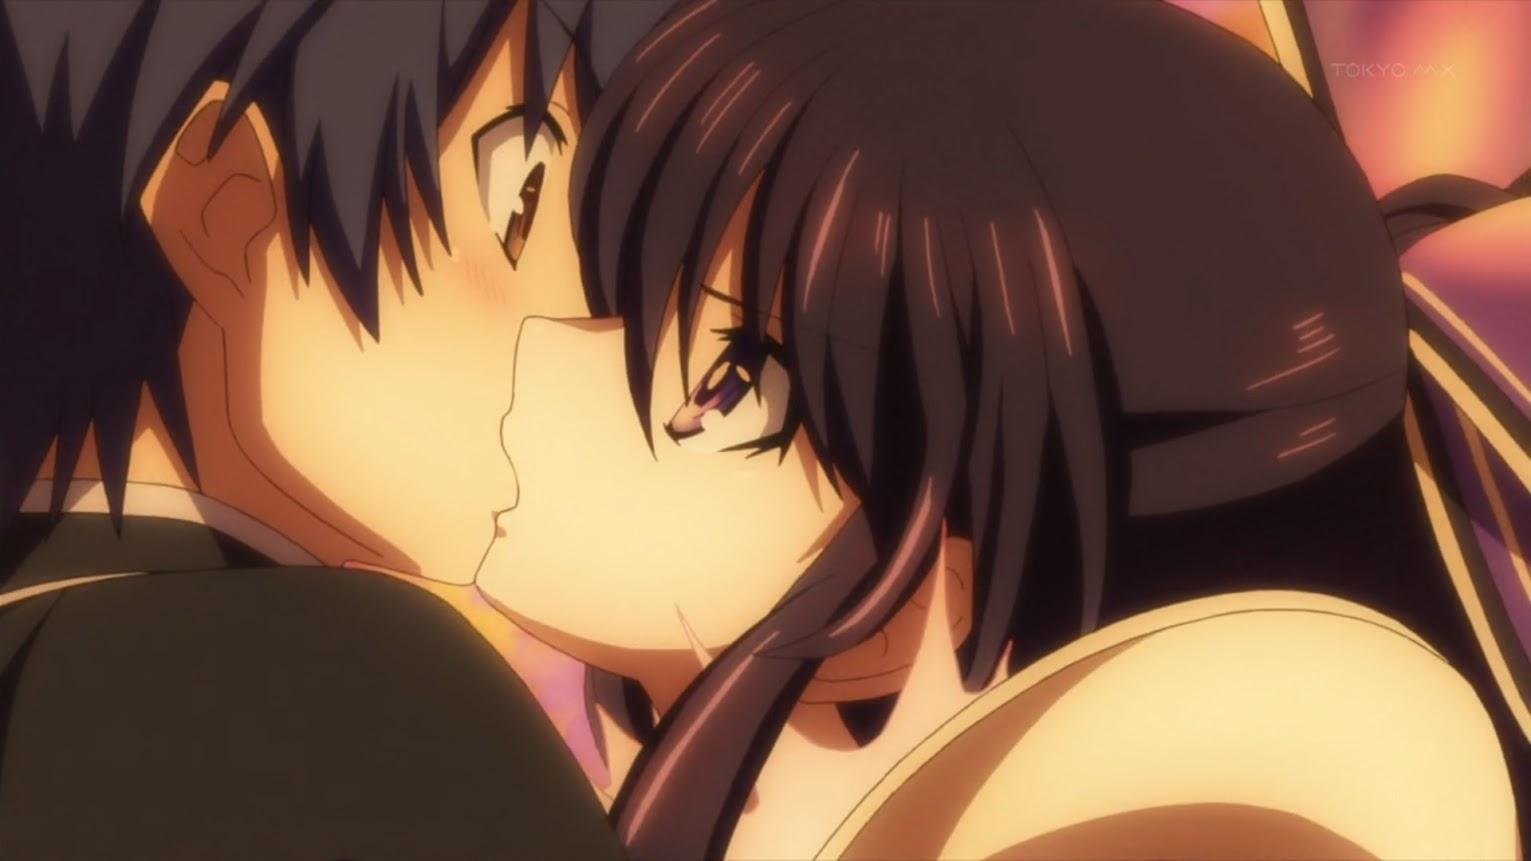 grogol anime lovers dating